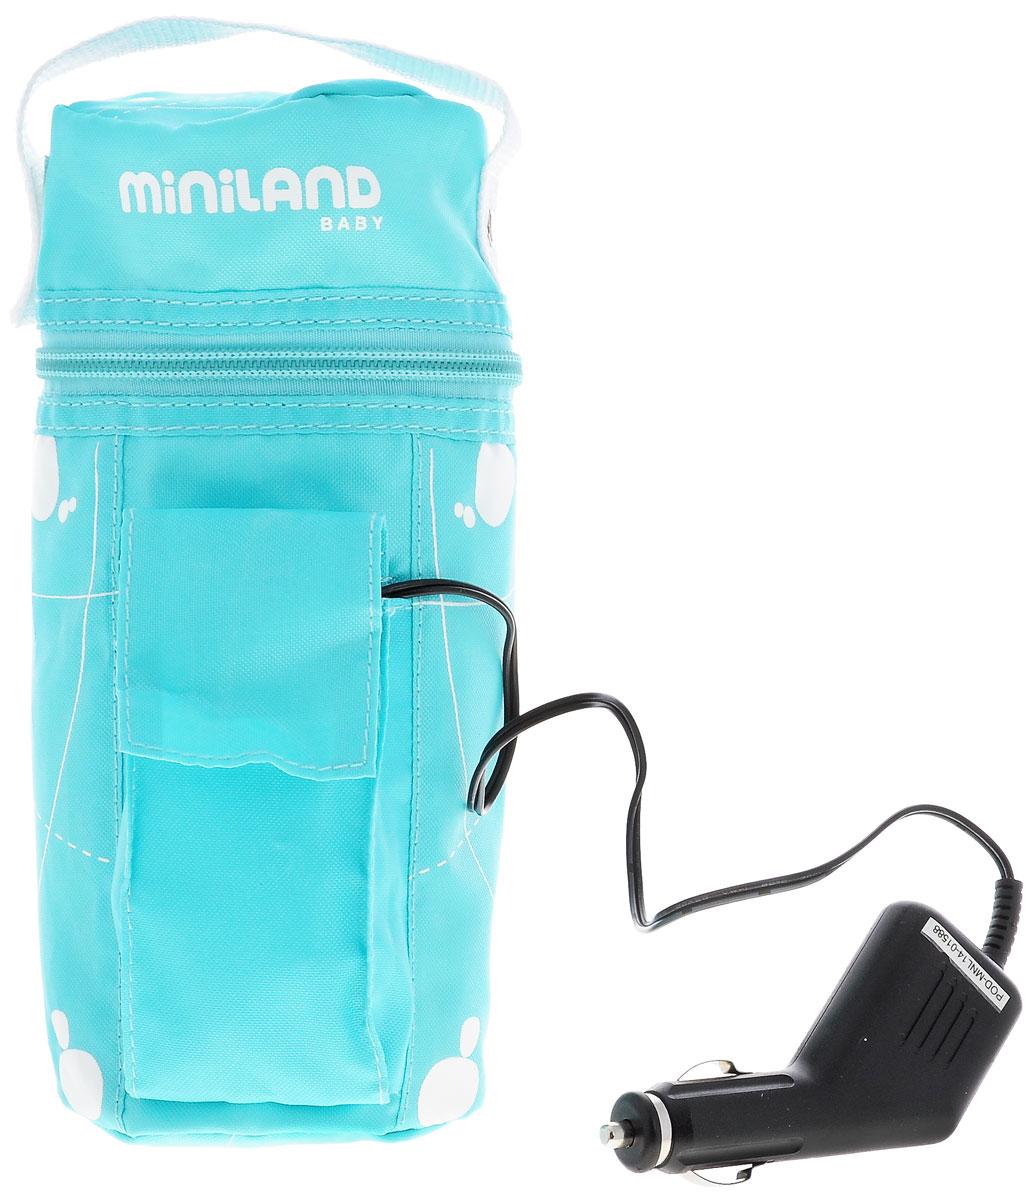 Miniland Нагреватель бутылочек дорожный Warmy Travel цвет бирюзовый miniland нагреватель бутылочек дорожный warmy travel цвет бирюзовый